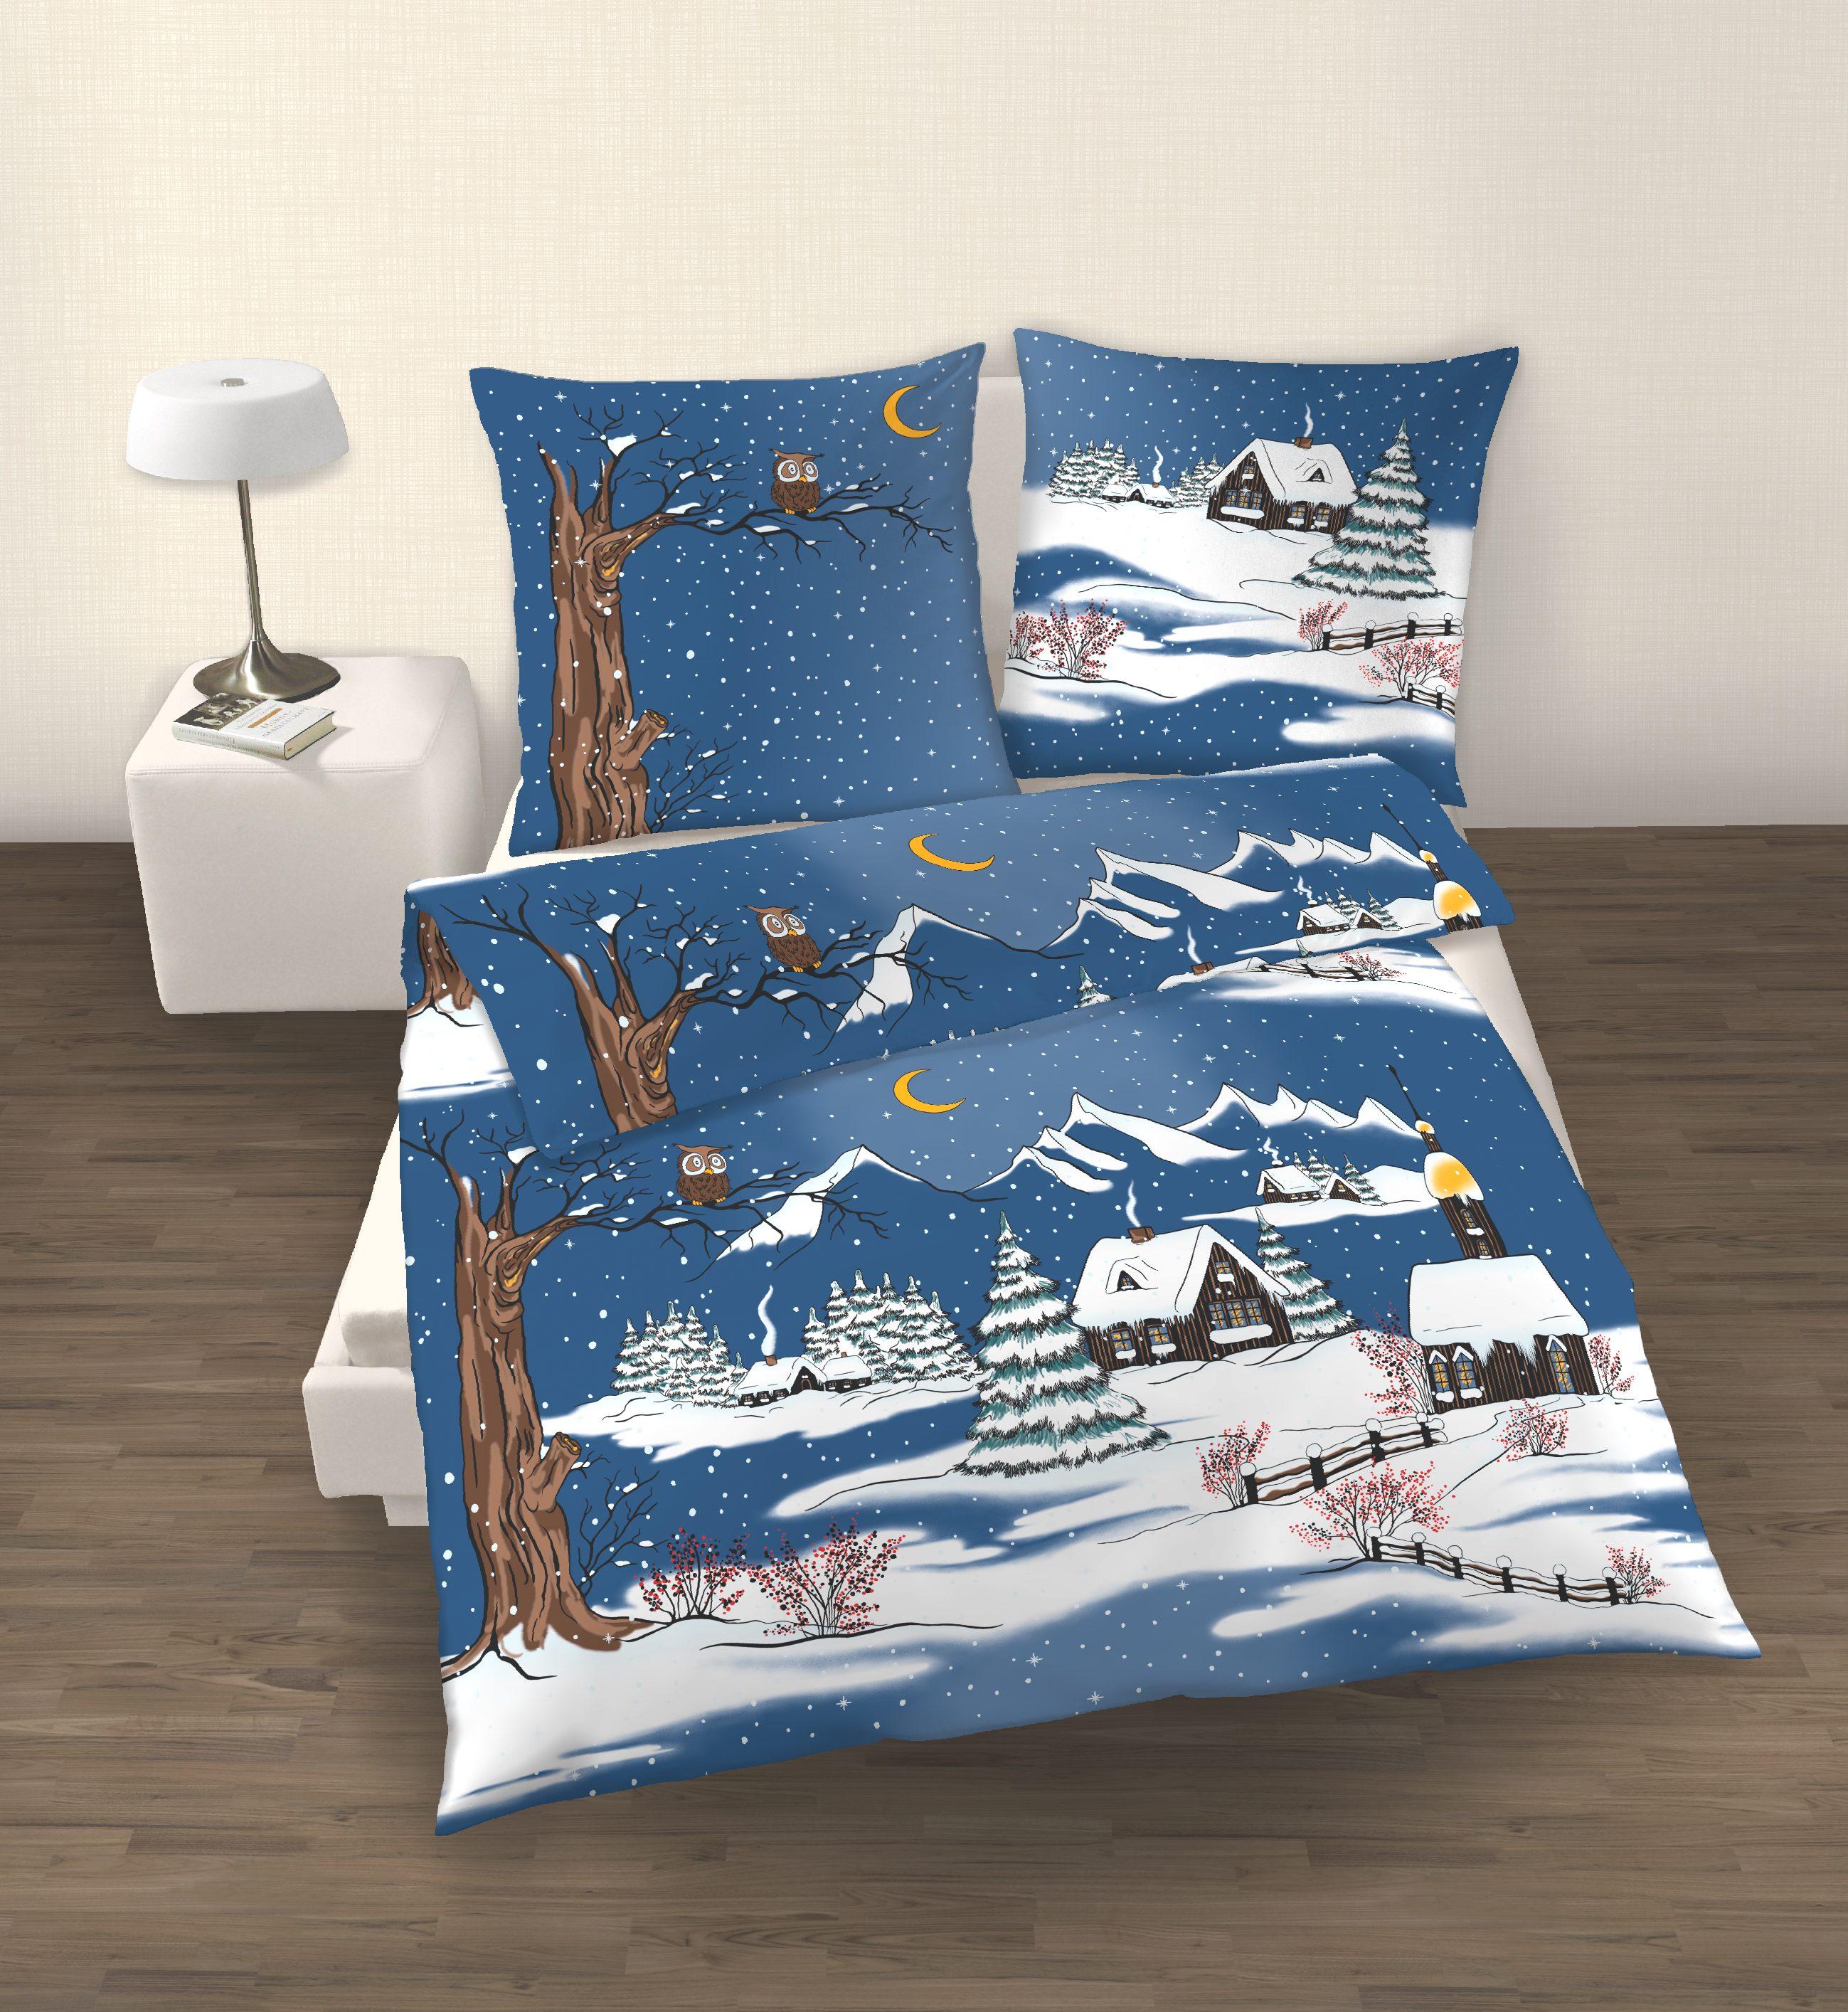 2tlg bettw sche 135x200cm 40x80cm weihnachten blau. Black Bedroom Furniture Sets. Home Design Ideas